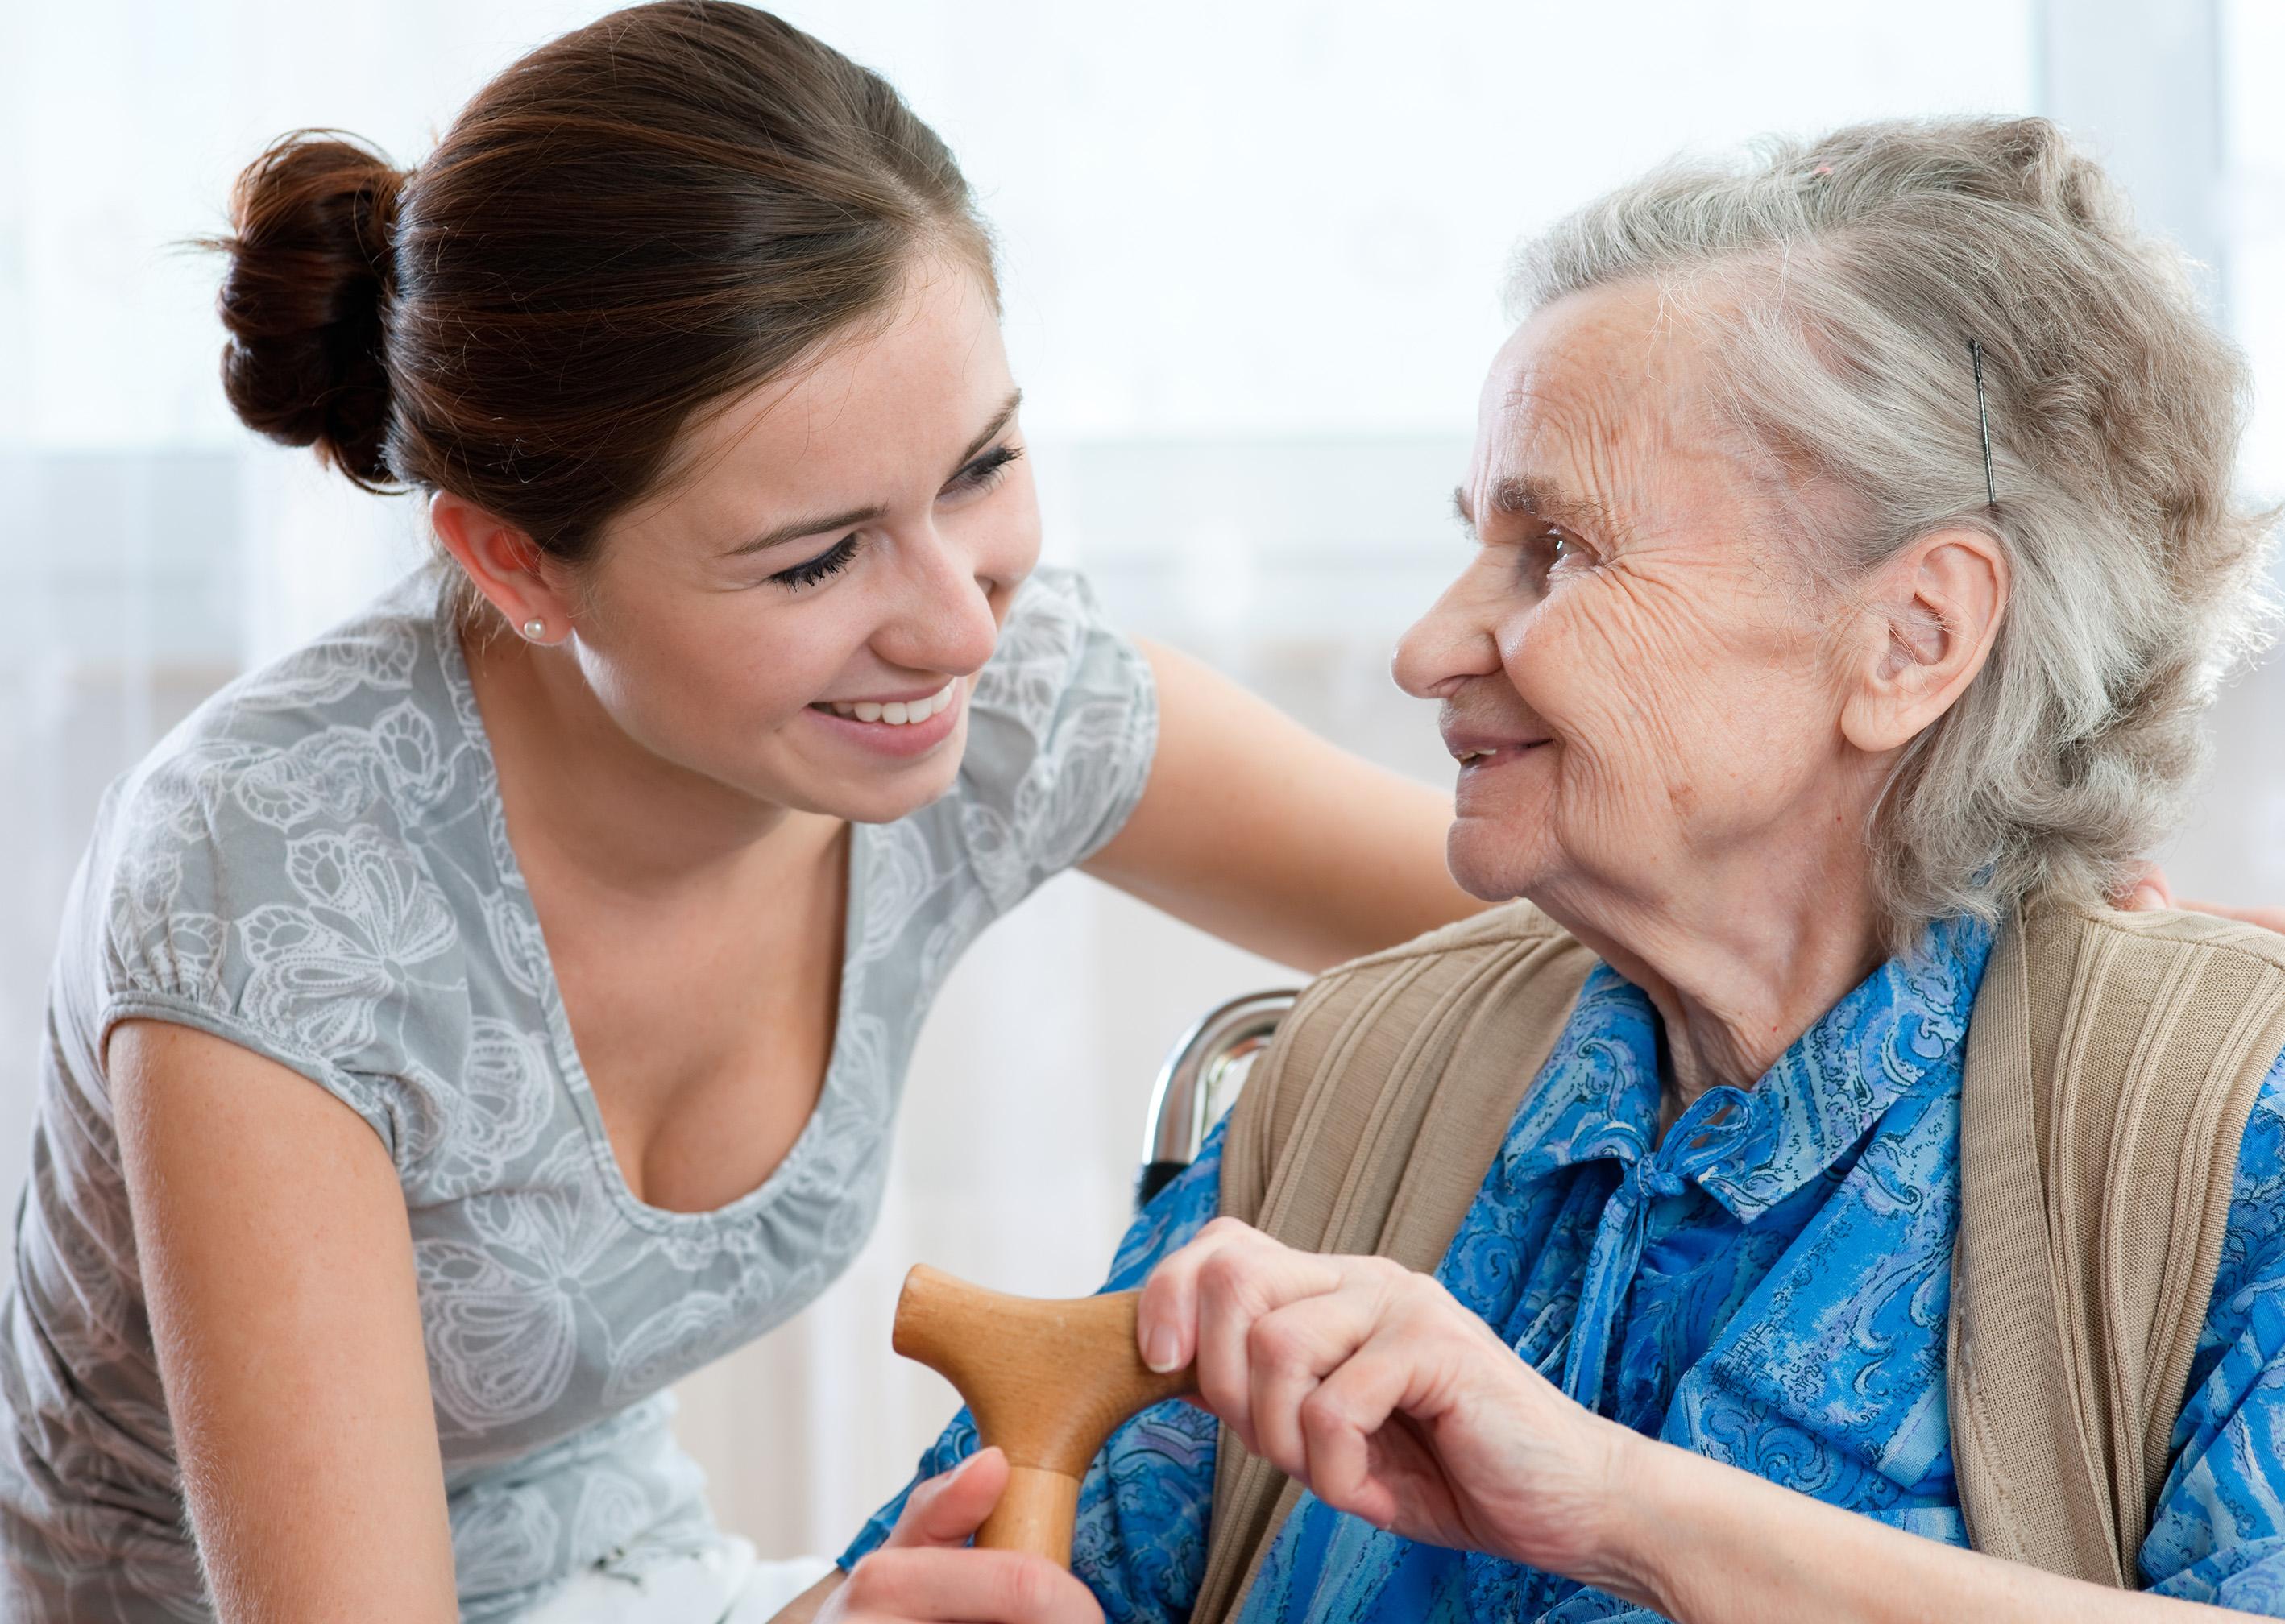 Фото клизма в домашних условиях пожилых женщин 3 фотография